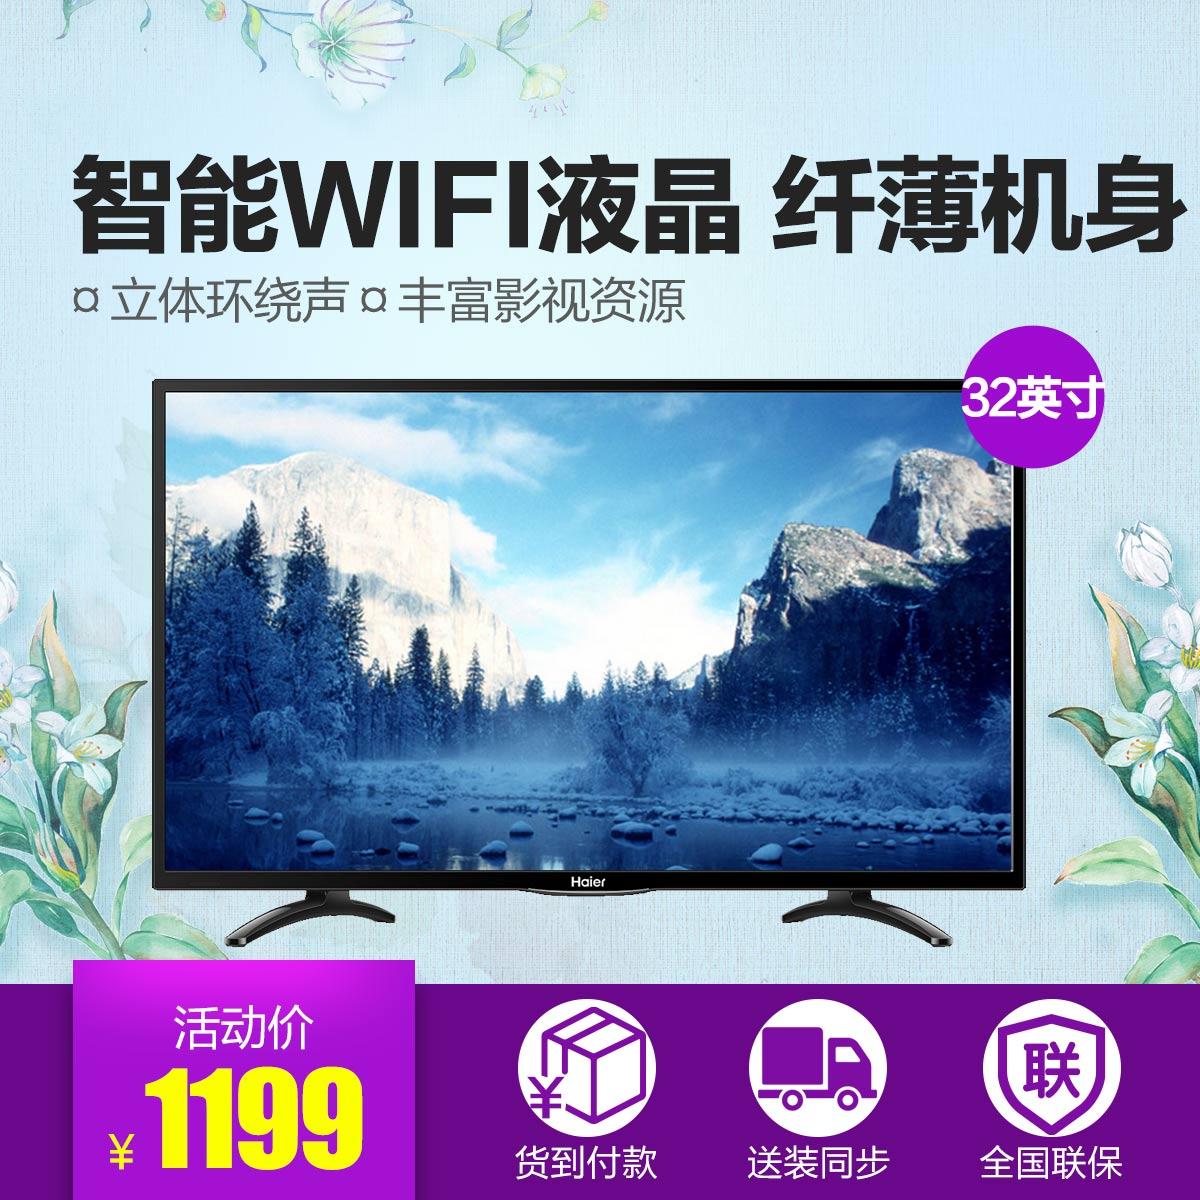 32英寸智能WIFI液晶电视,WEBOS智能系统;丰富影视资源 LE32A31